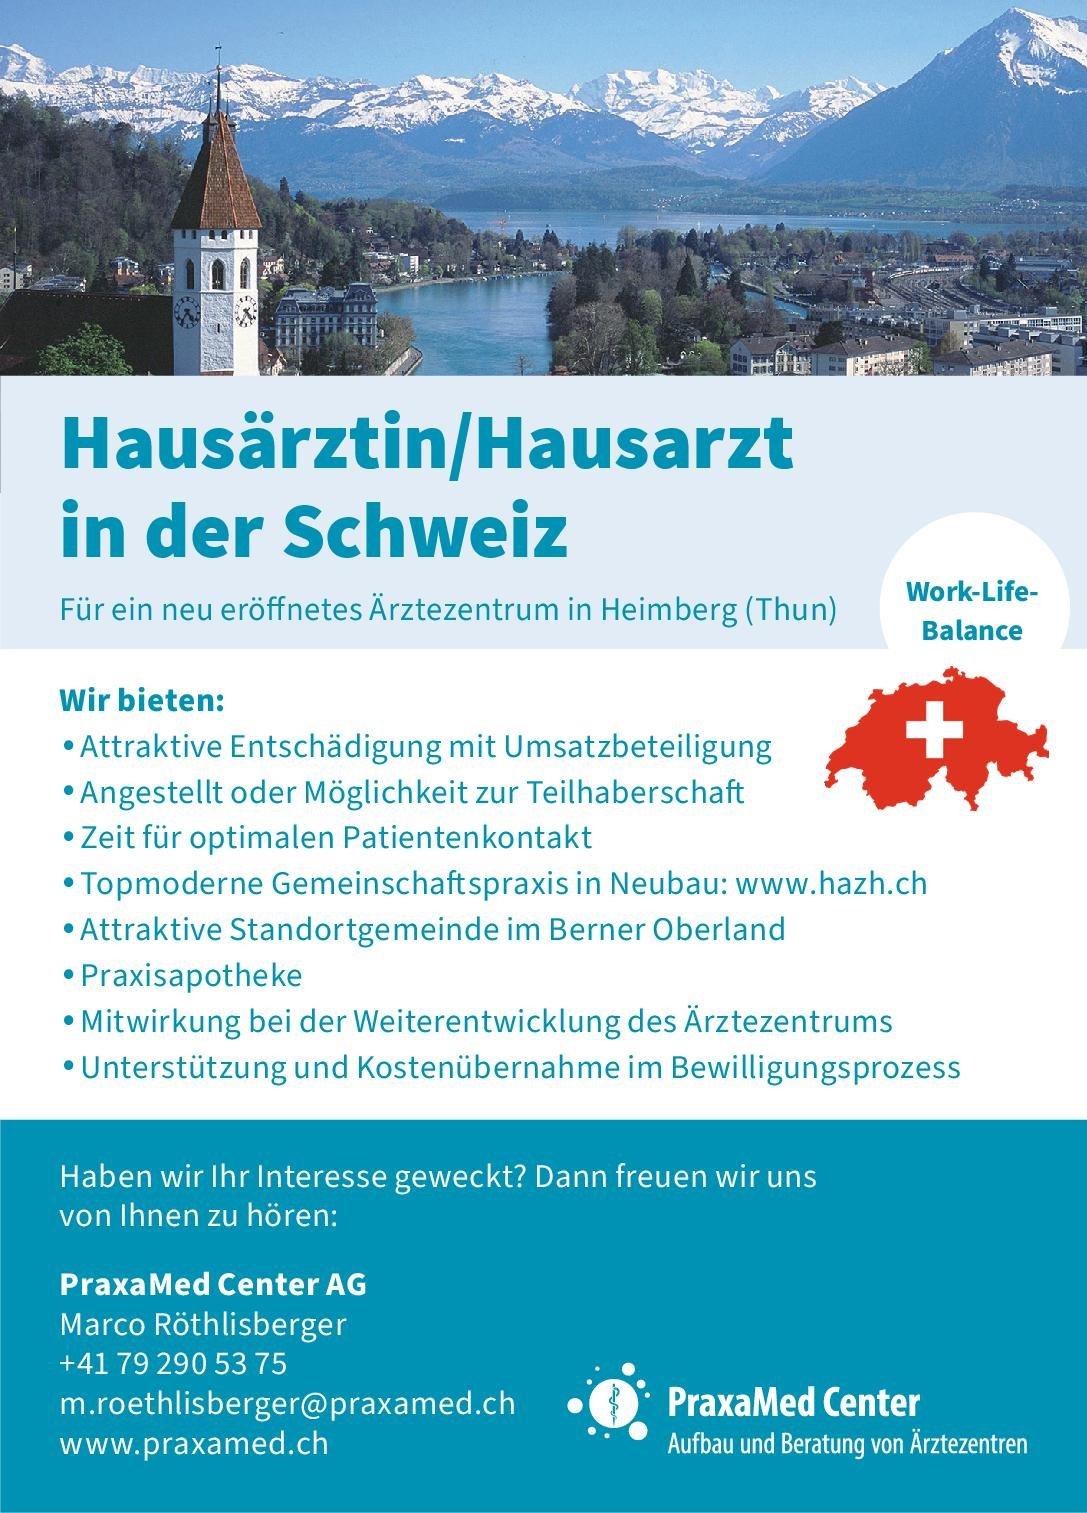 PraxaMed Center AG Hausärztin/Hausarzt  Innere Medizin, Allgemeinmedizin, Innere Medizin Arzt / Facharzt